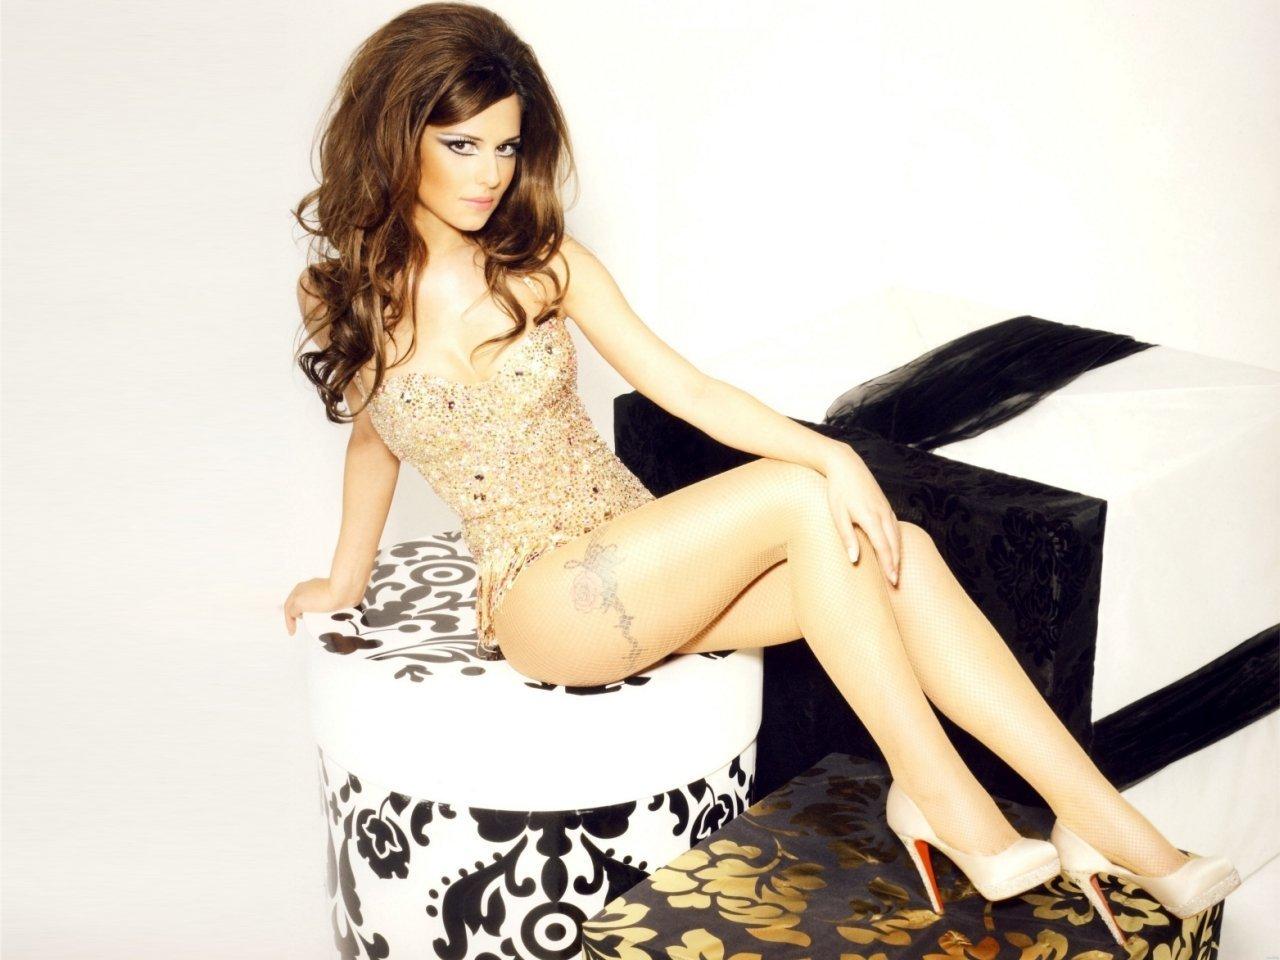 Escritorio Cheryl cole sexy